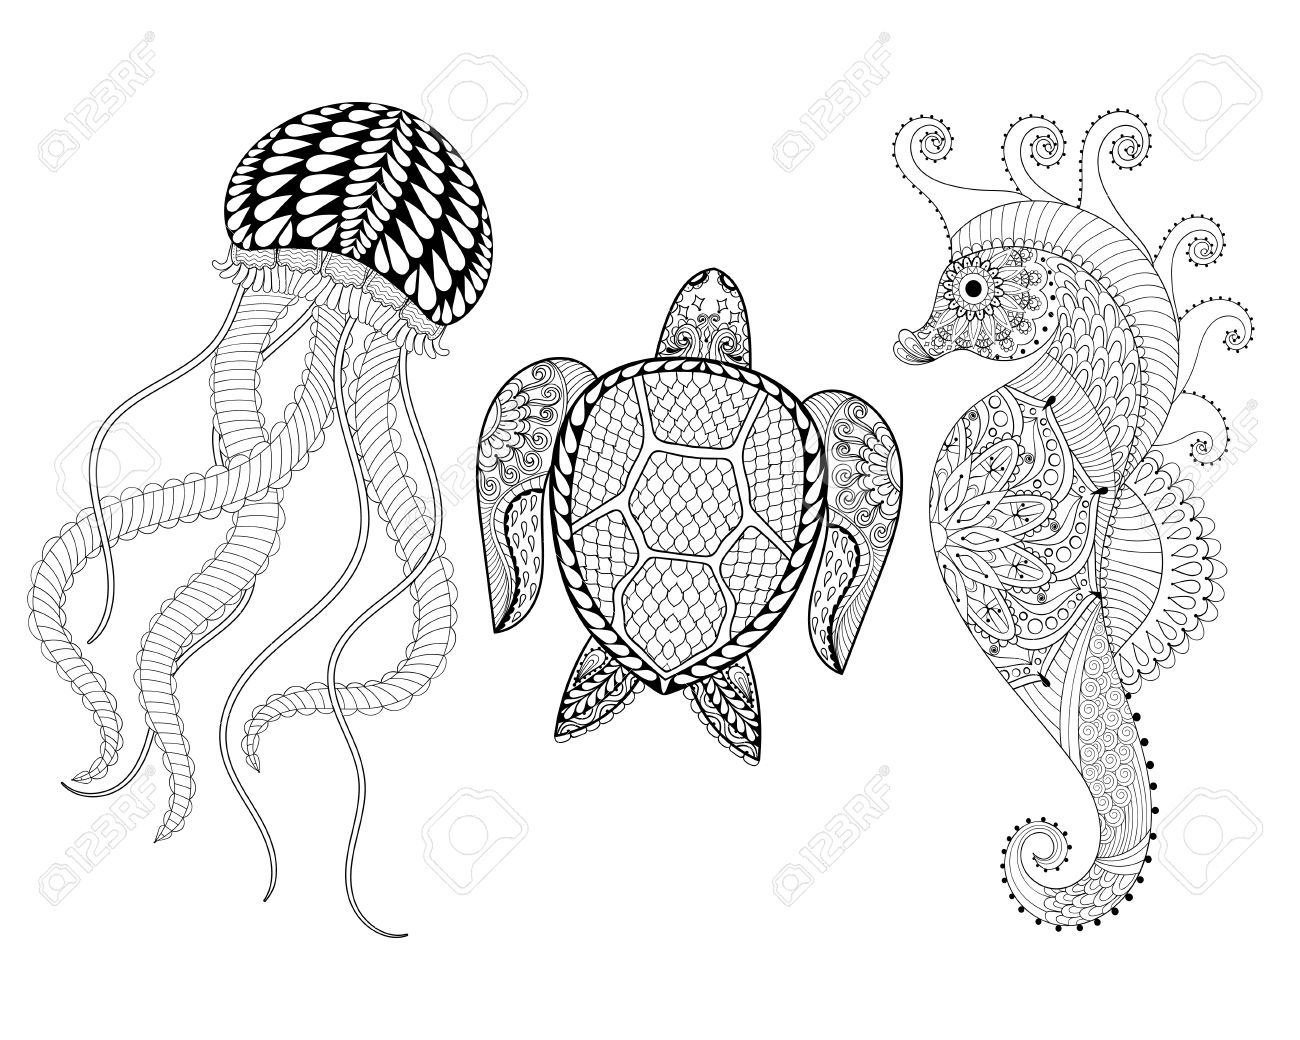 Dorable Hoja Para Colorear Del Océano Imagen - Dibujos de Animales ...